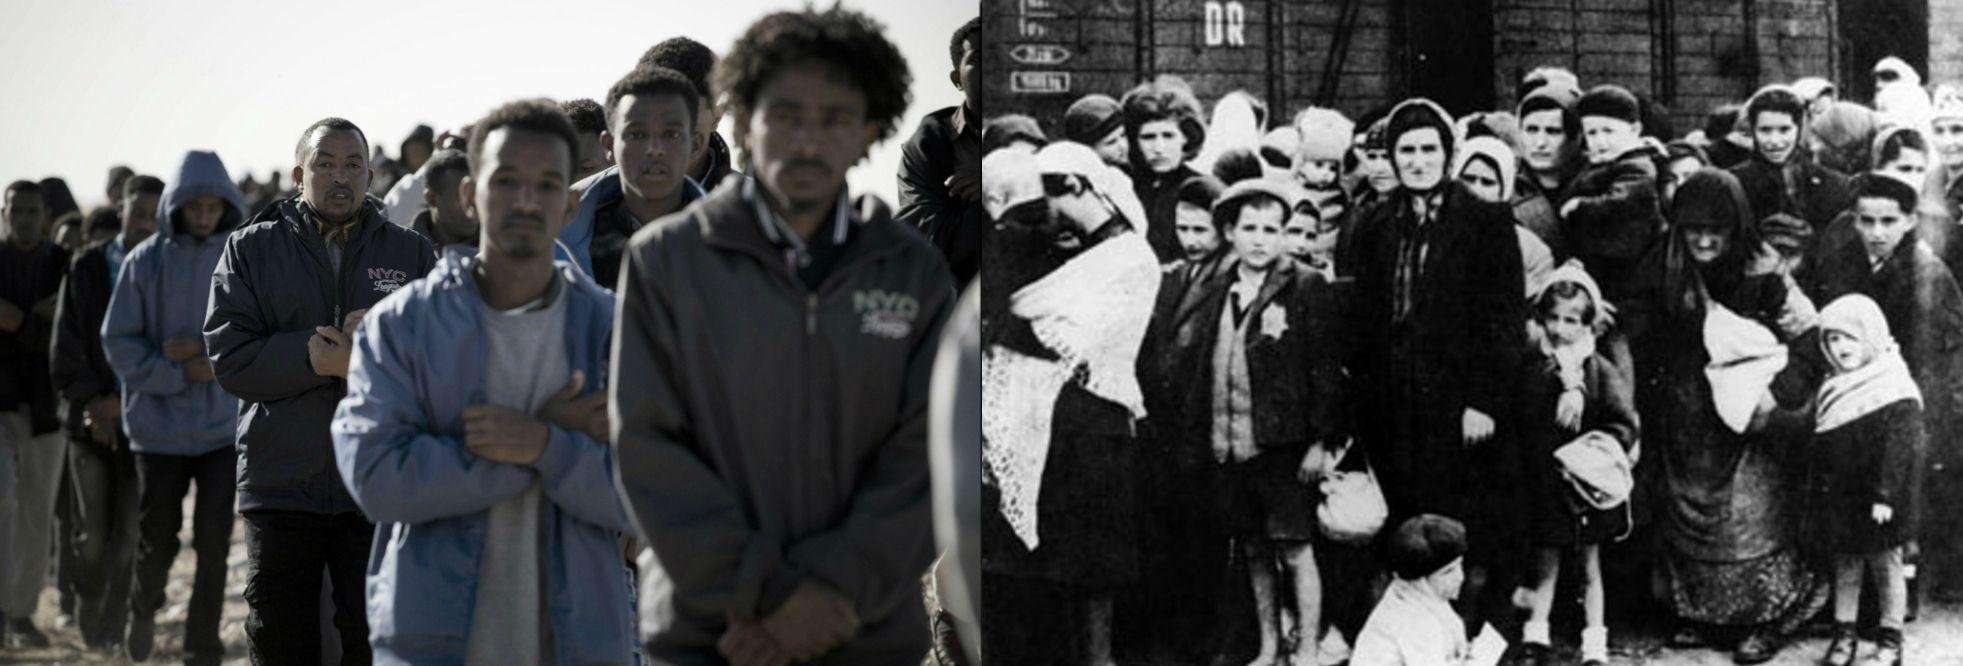 migranti deportati